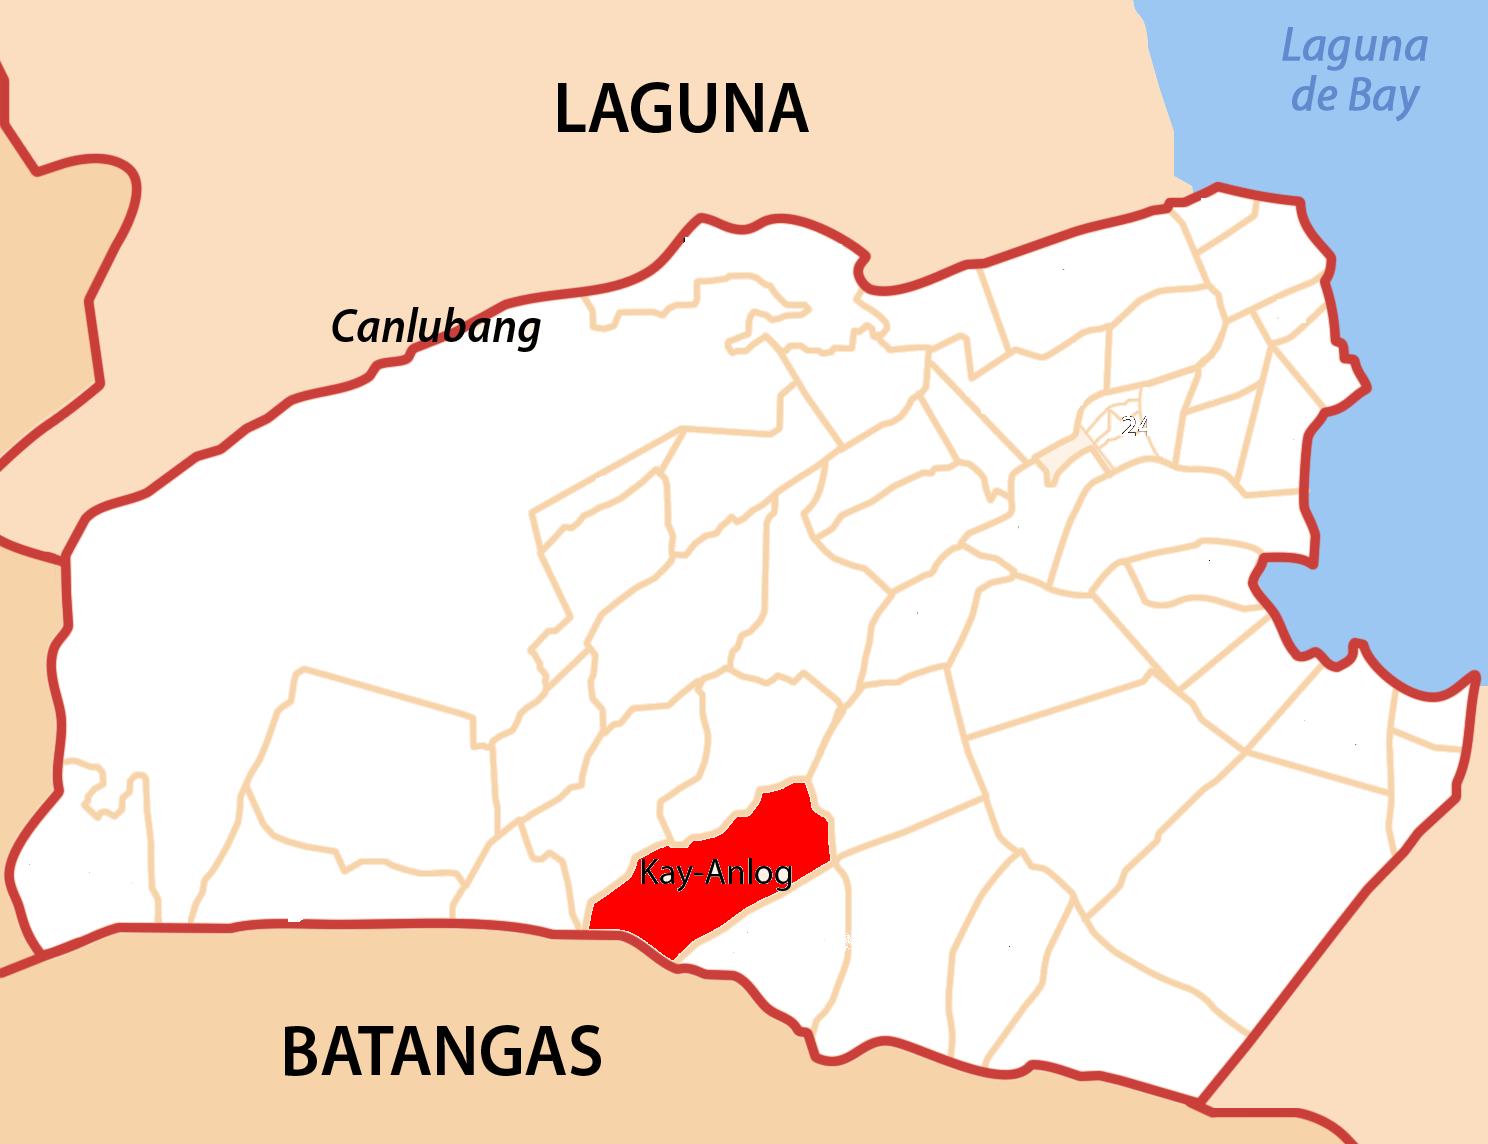 FileKayanlog Mappng Wikipedia - Calamba city map